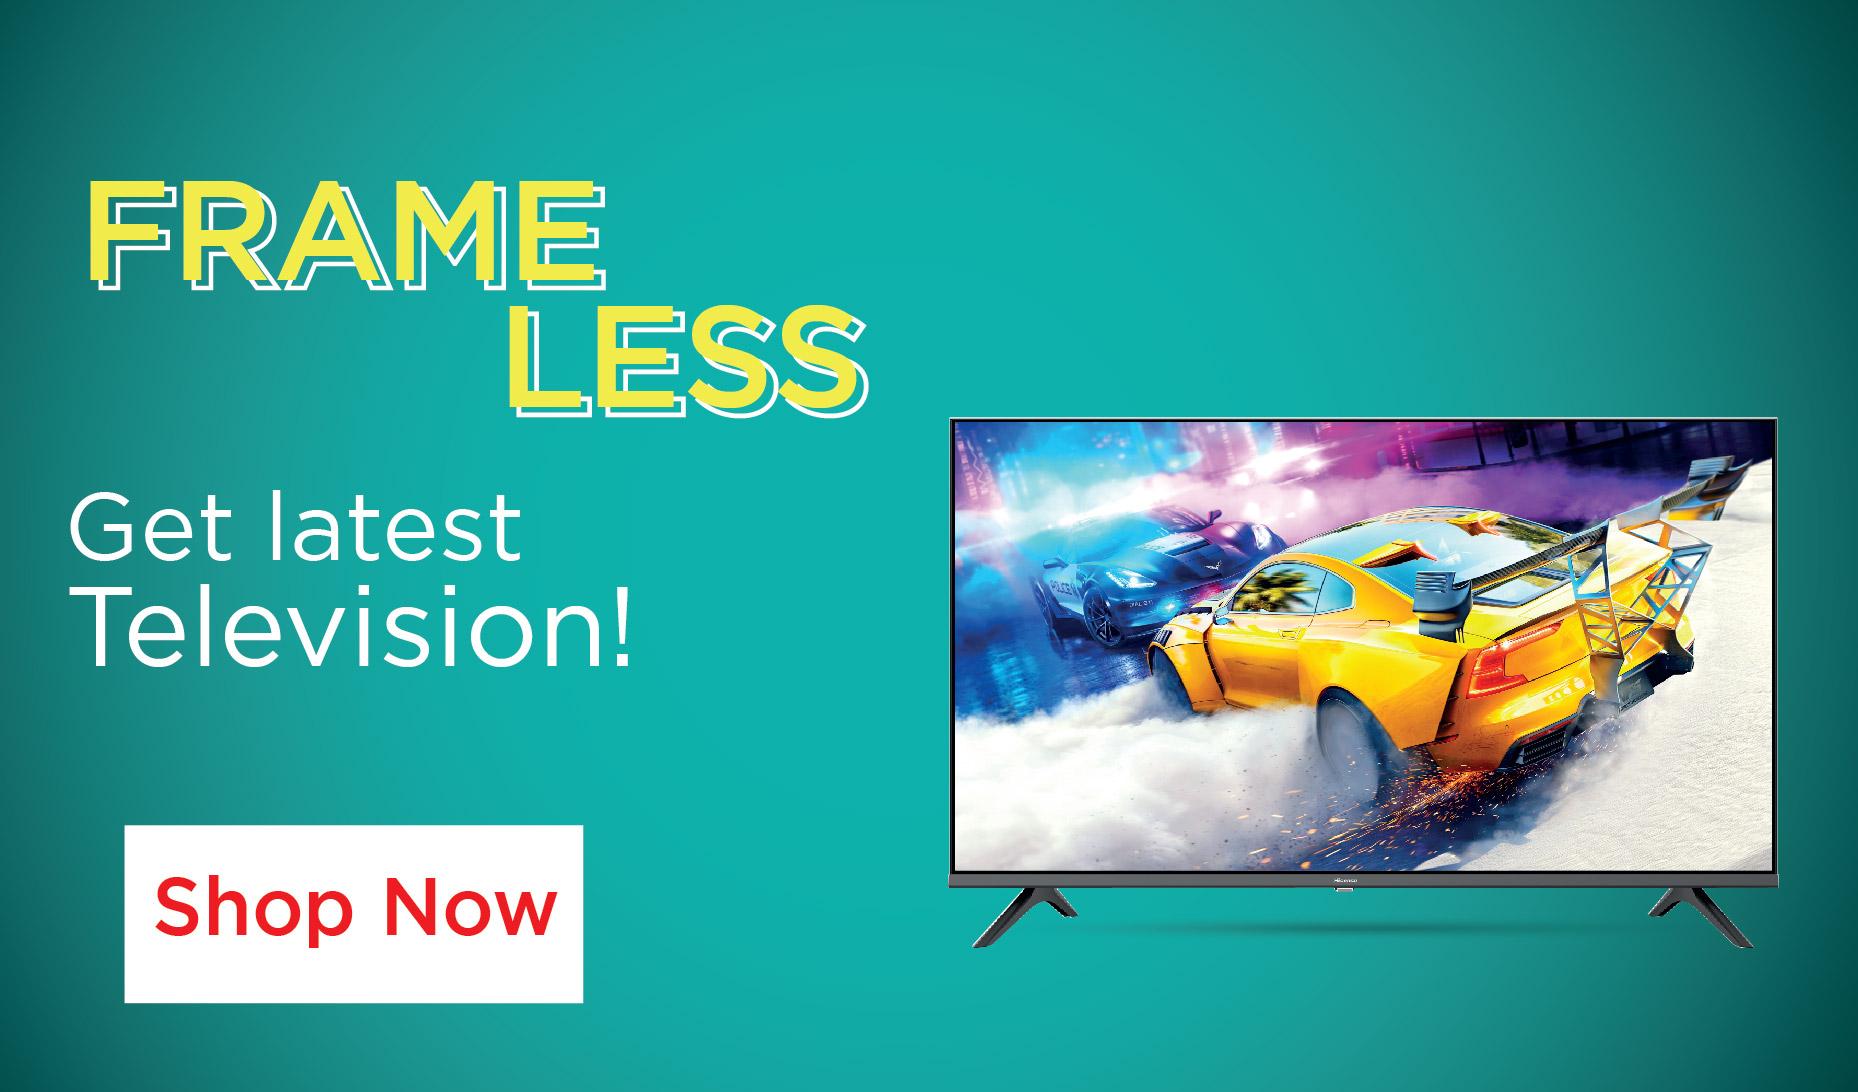 Hisense frameless tv